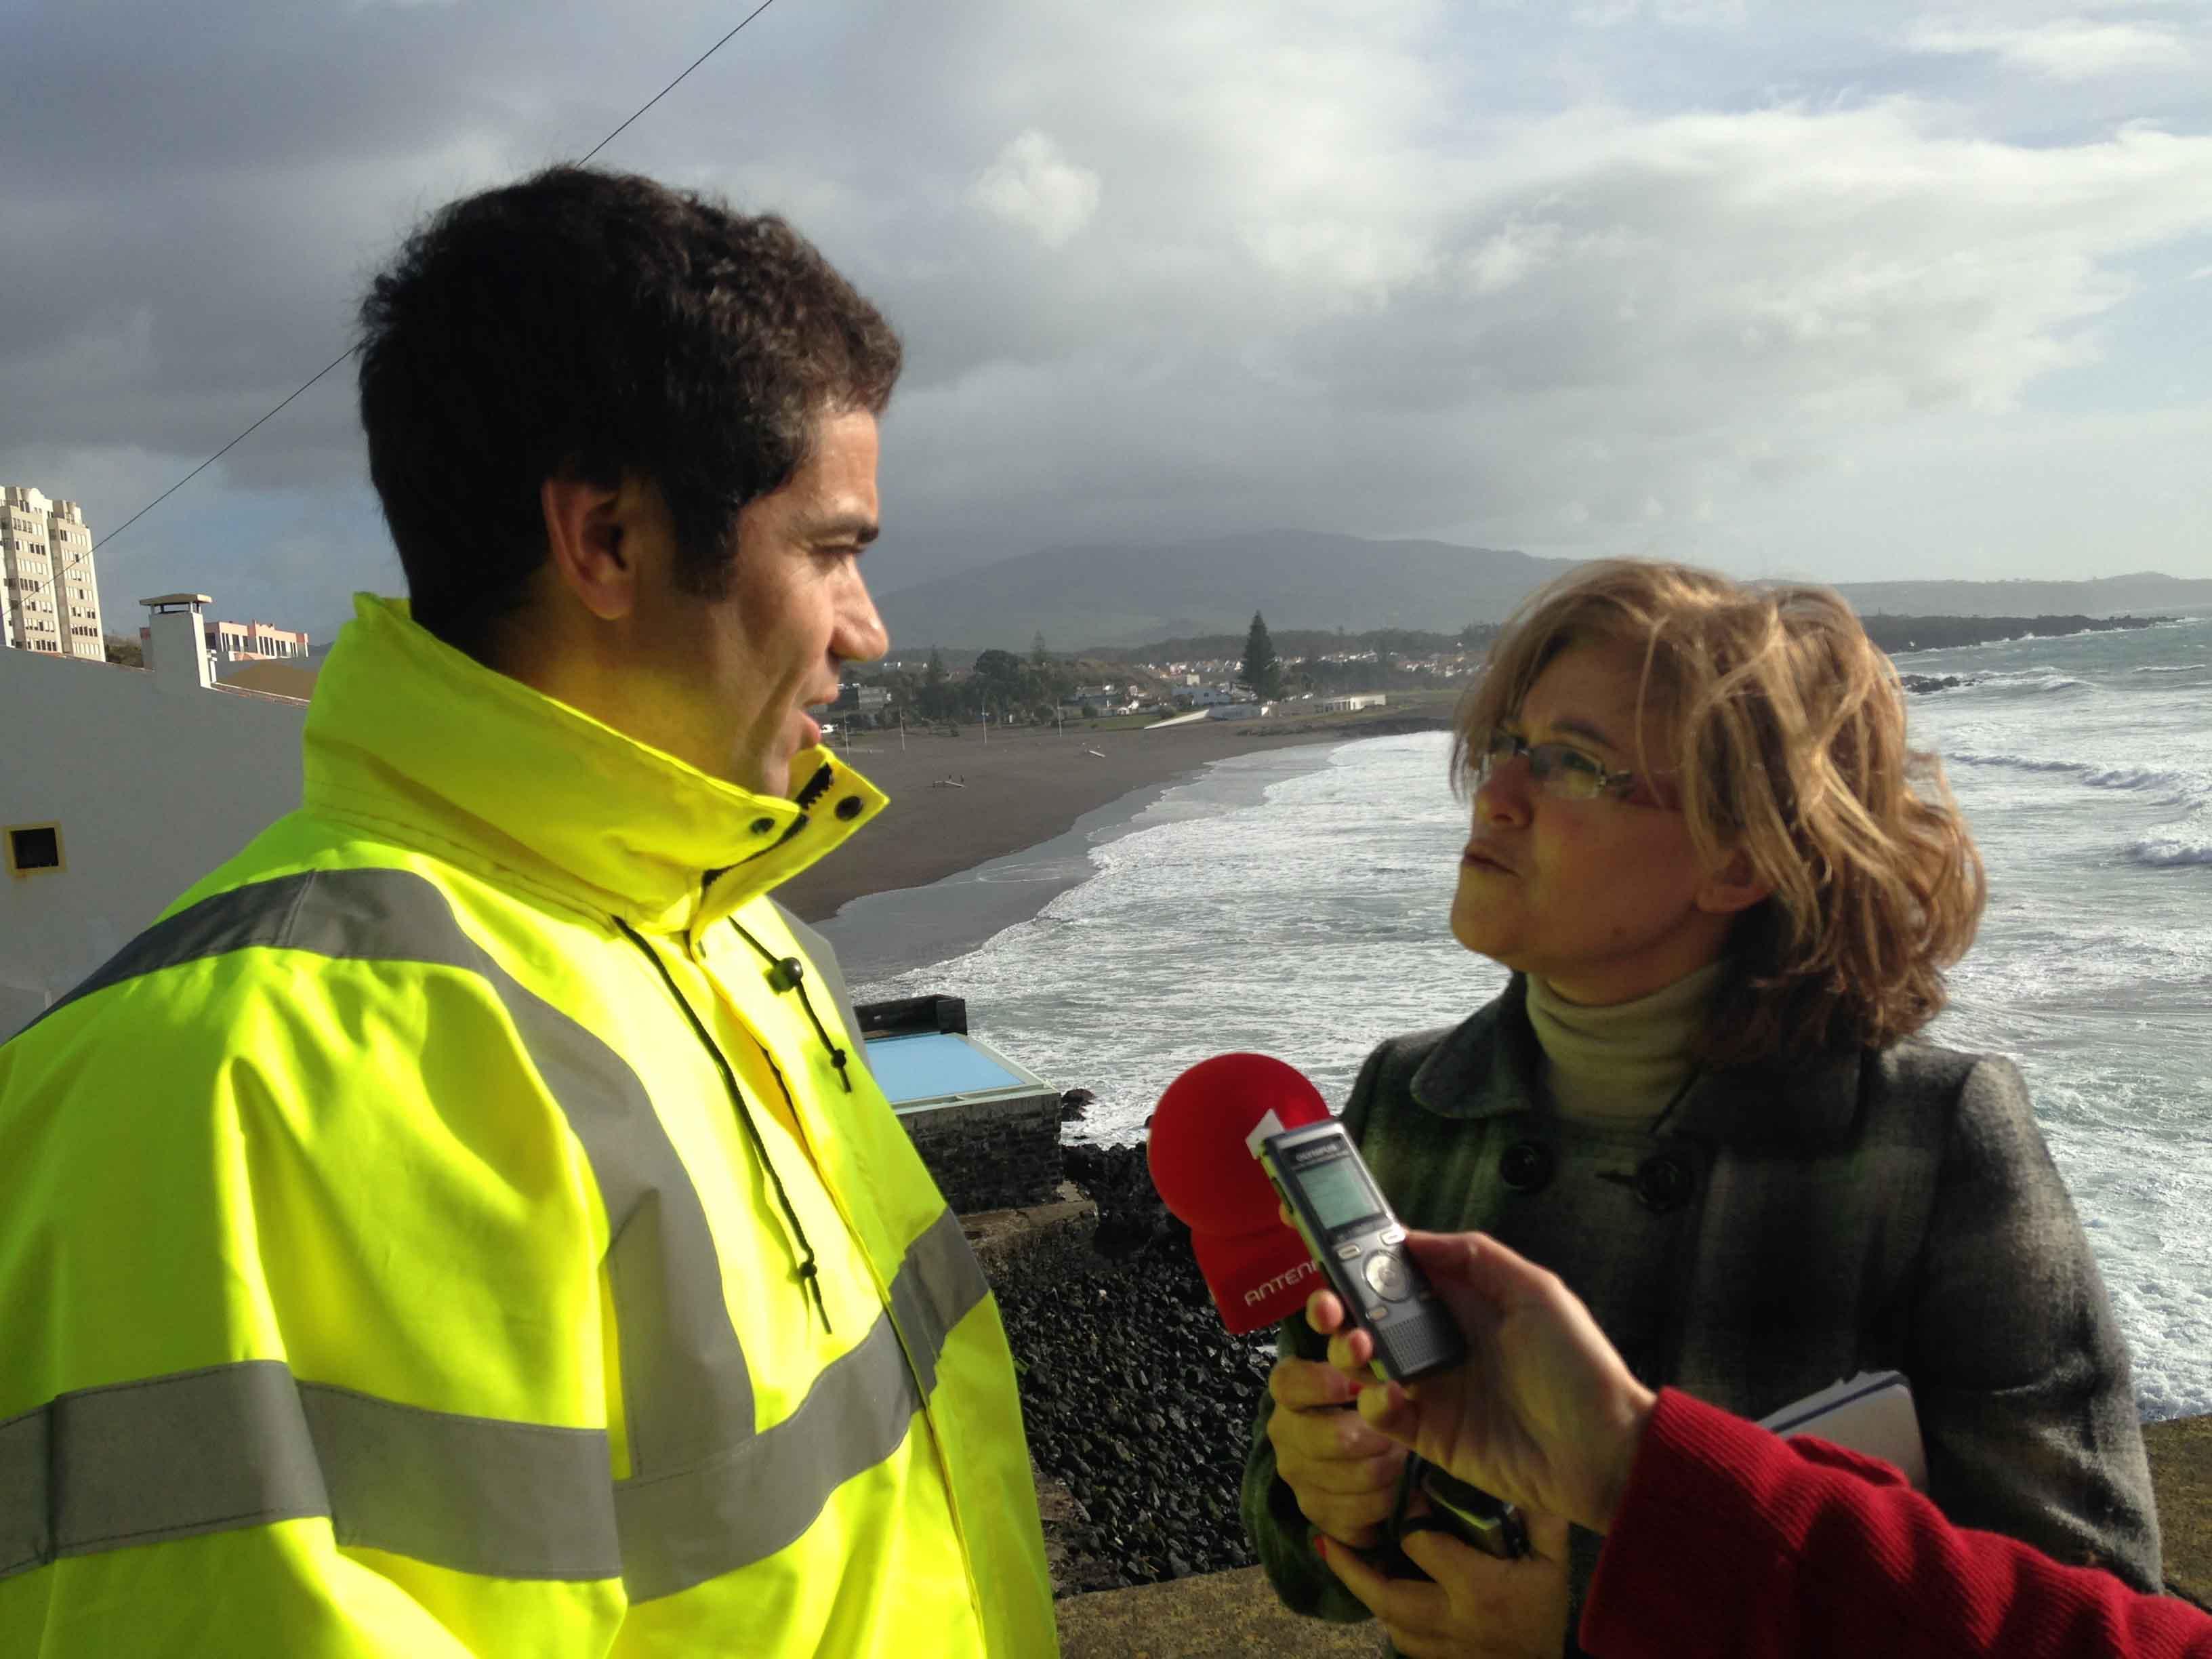 Governo dos Açores está a acompanhar danos causados pelo temporal na orla costeira de São Miguel